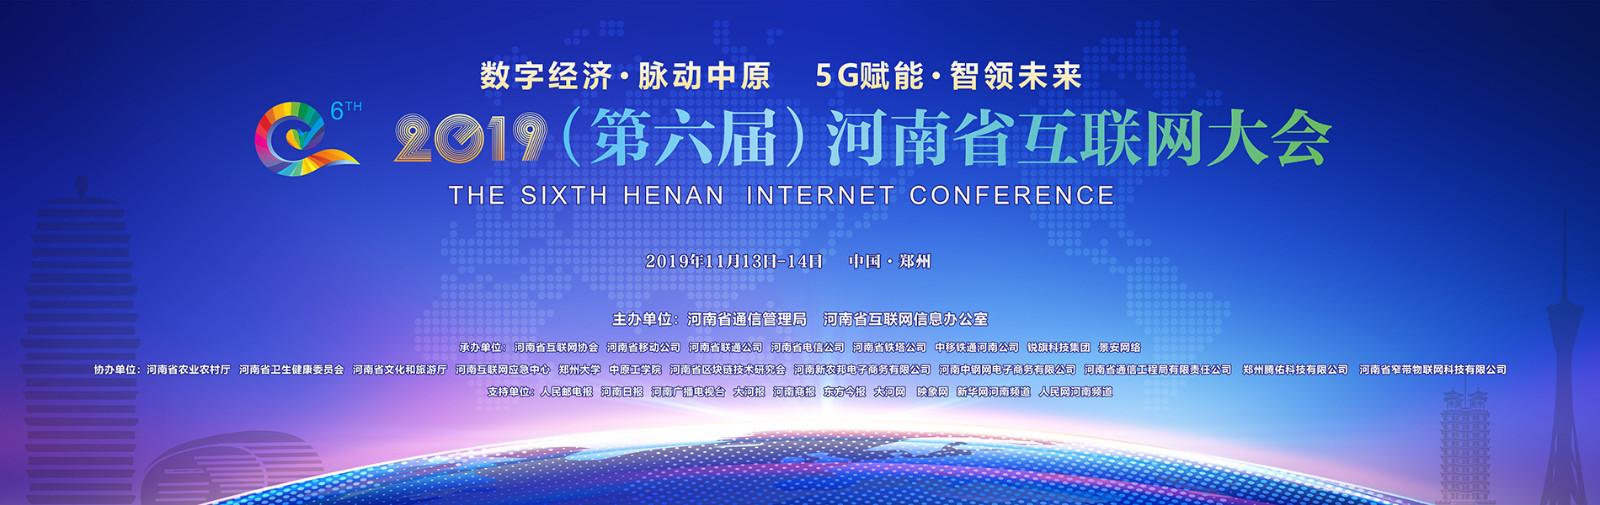 2019(第六届)河南省互联网大会在郑召开 数字大潮赋能中原